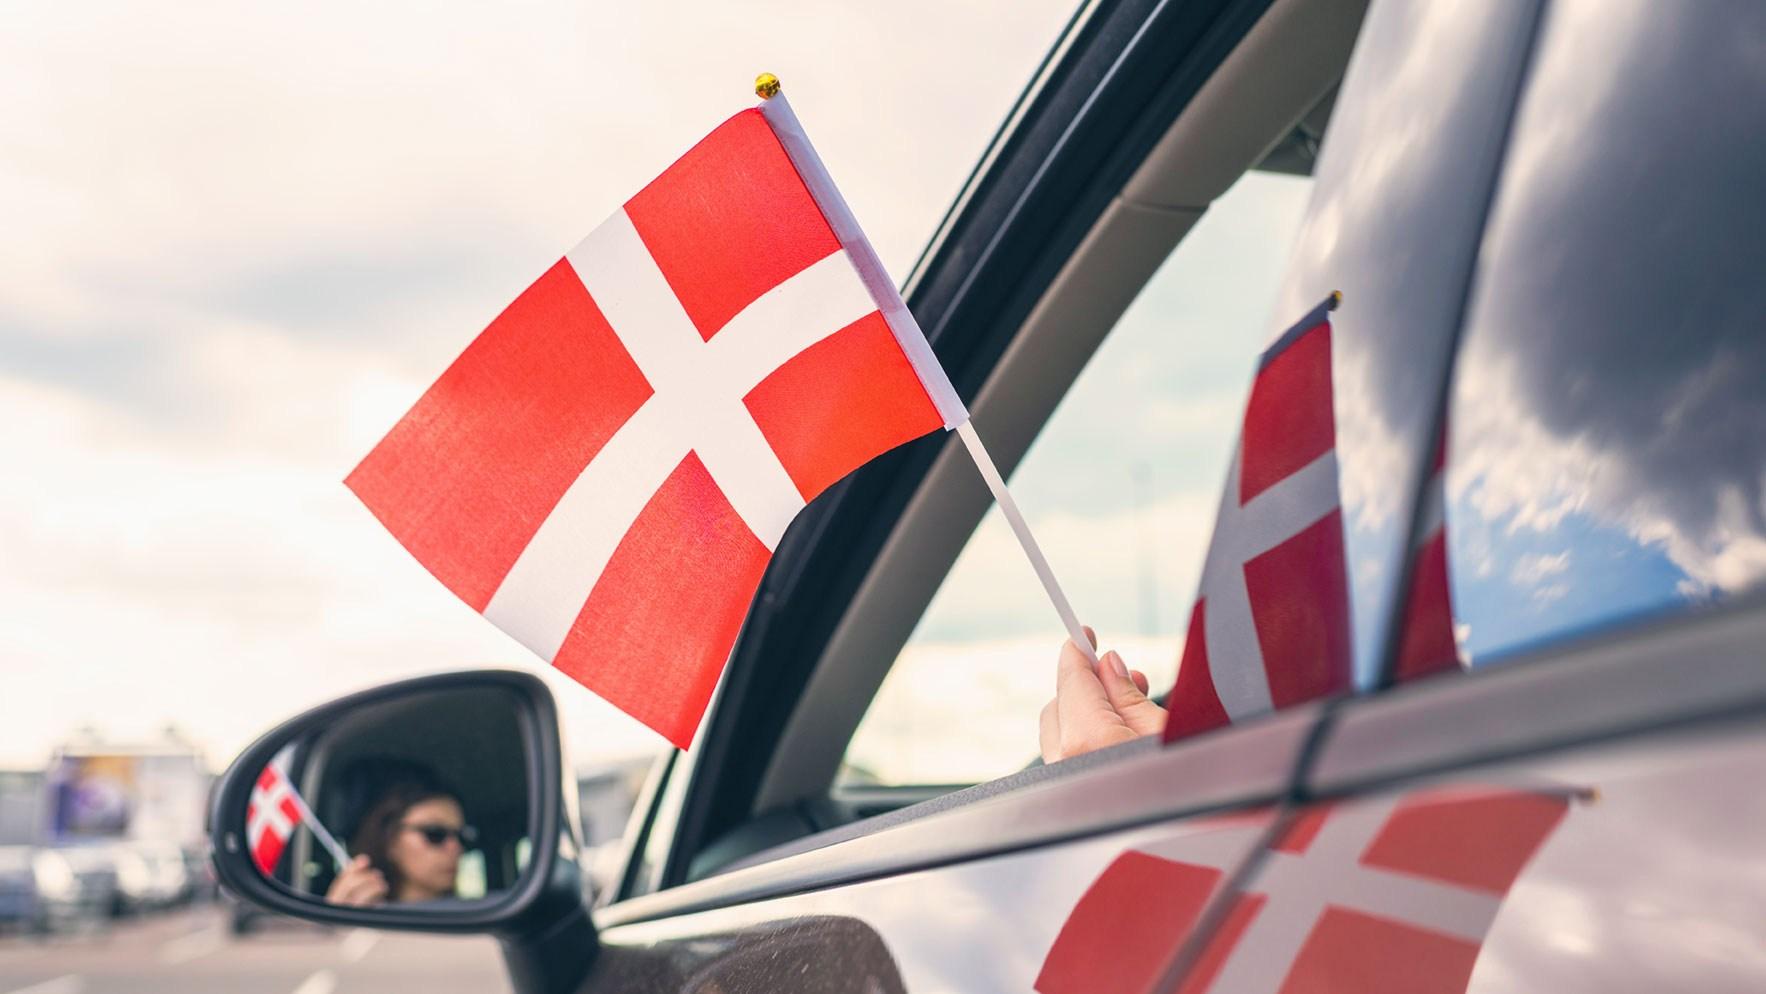 AltText: Autofahrerin mit dänischer Flagge